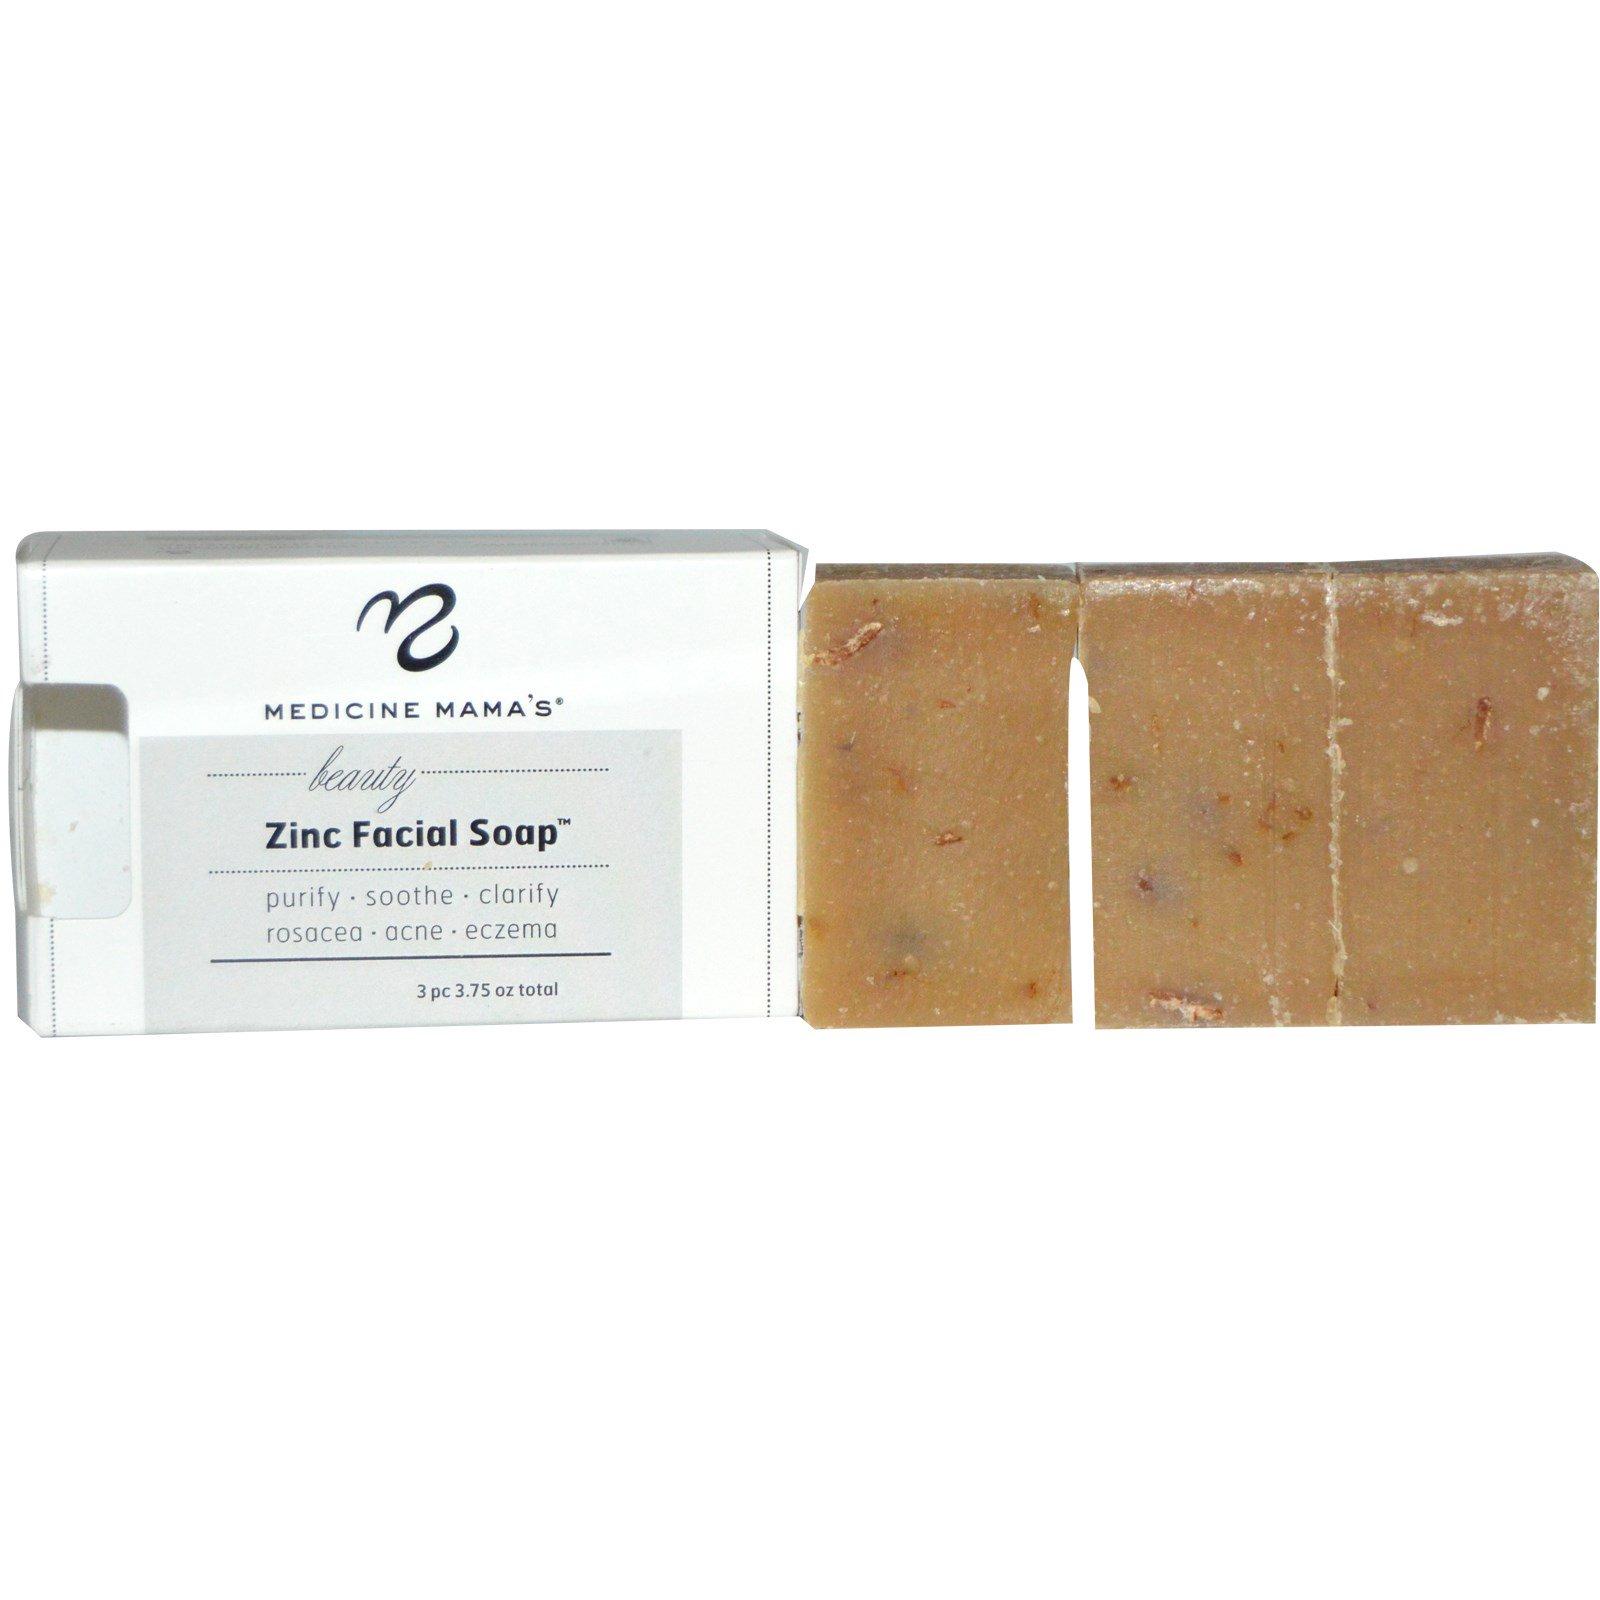 Medicine Mama's, Beauty Zinc Facial Soap, 3x1.25oz